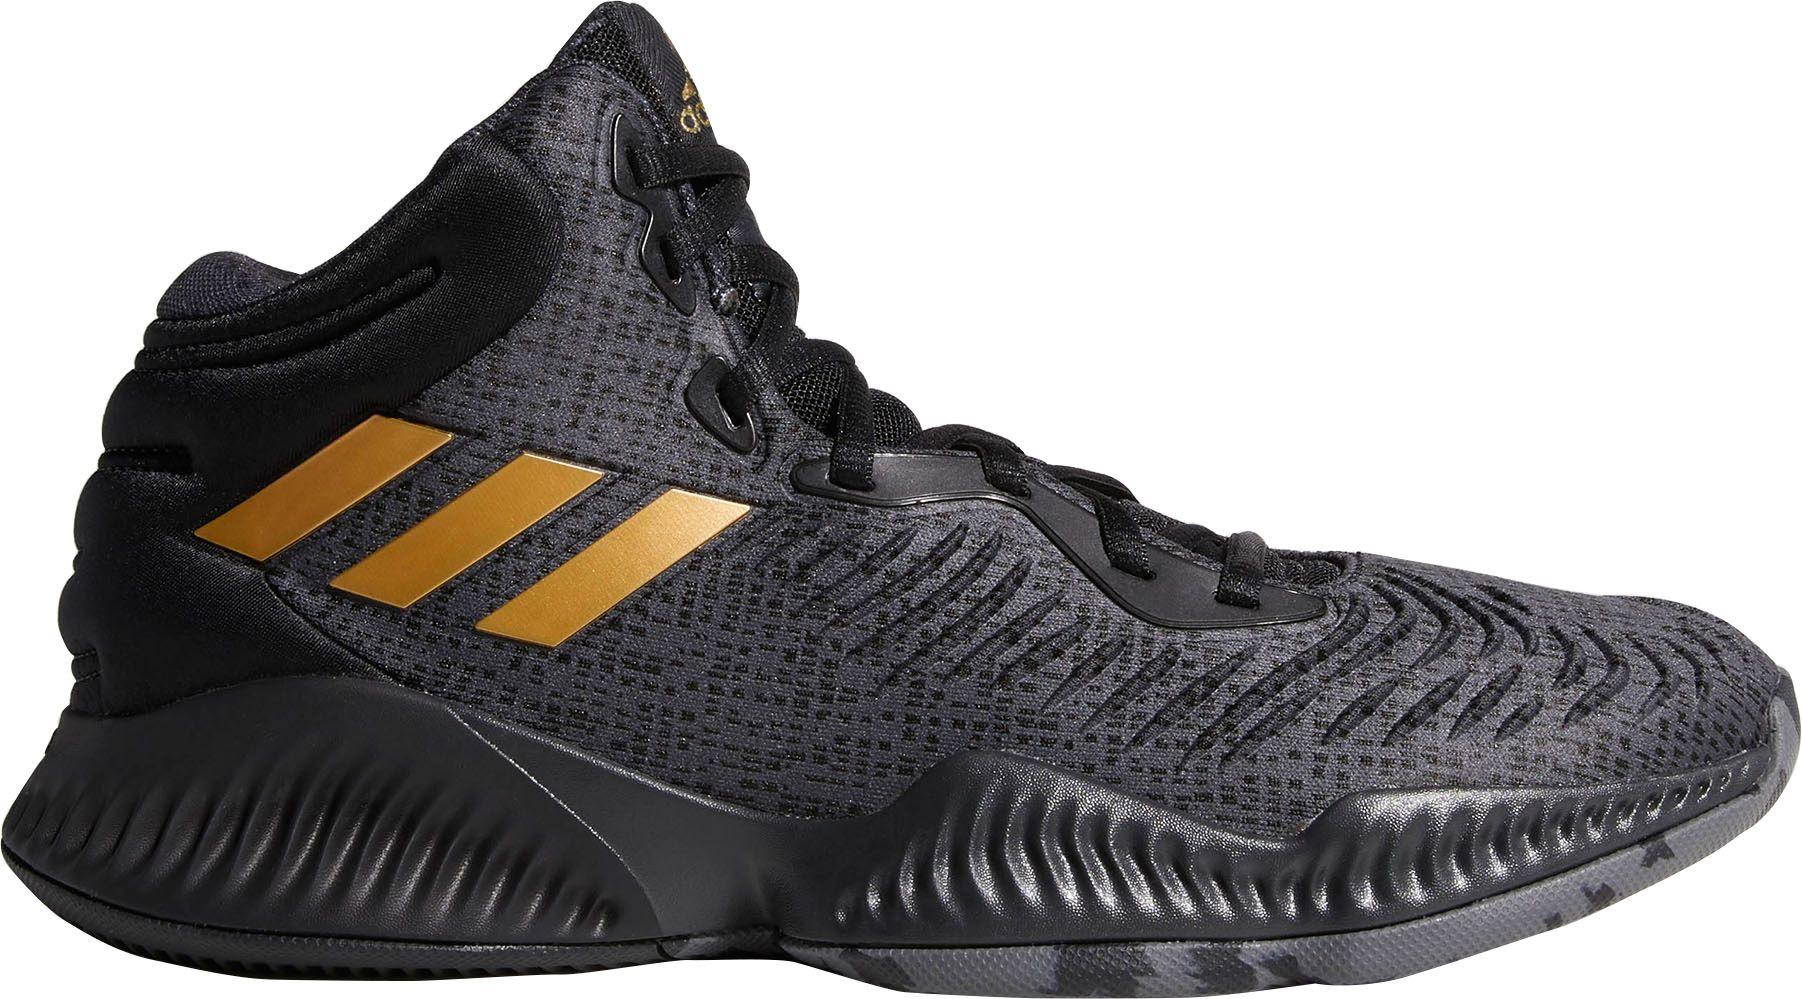 e99bde60ea75 ... adidas shoes 2018